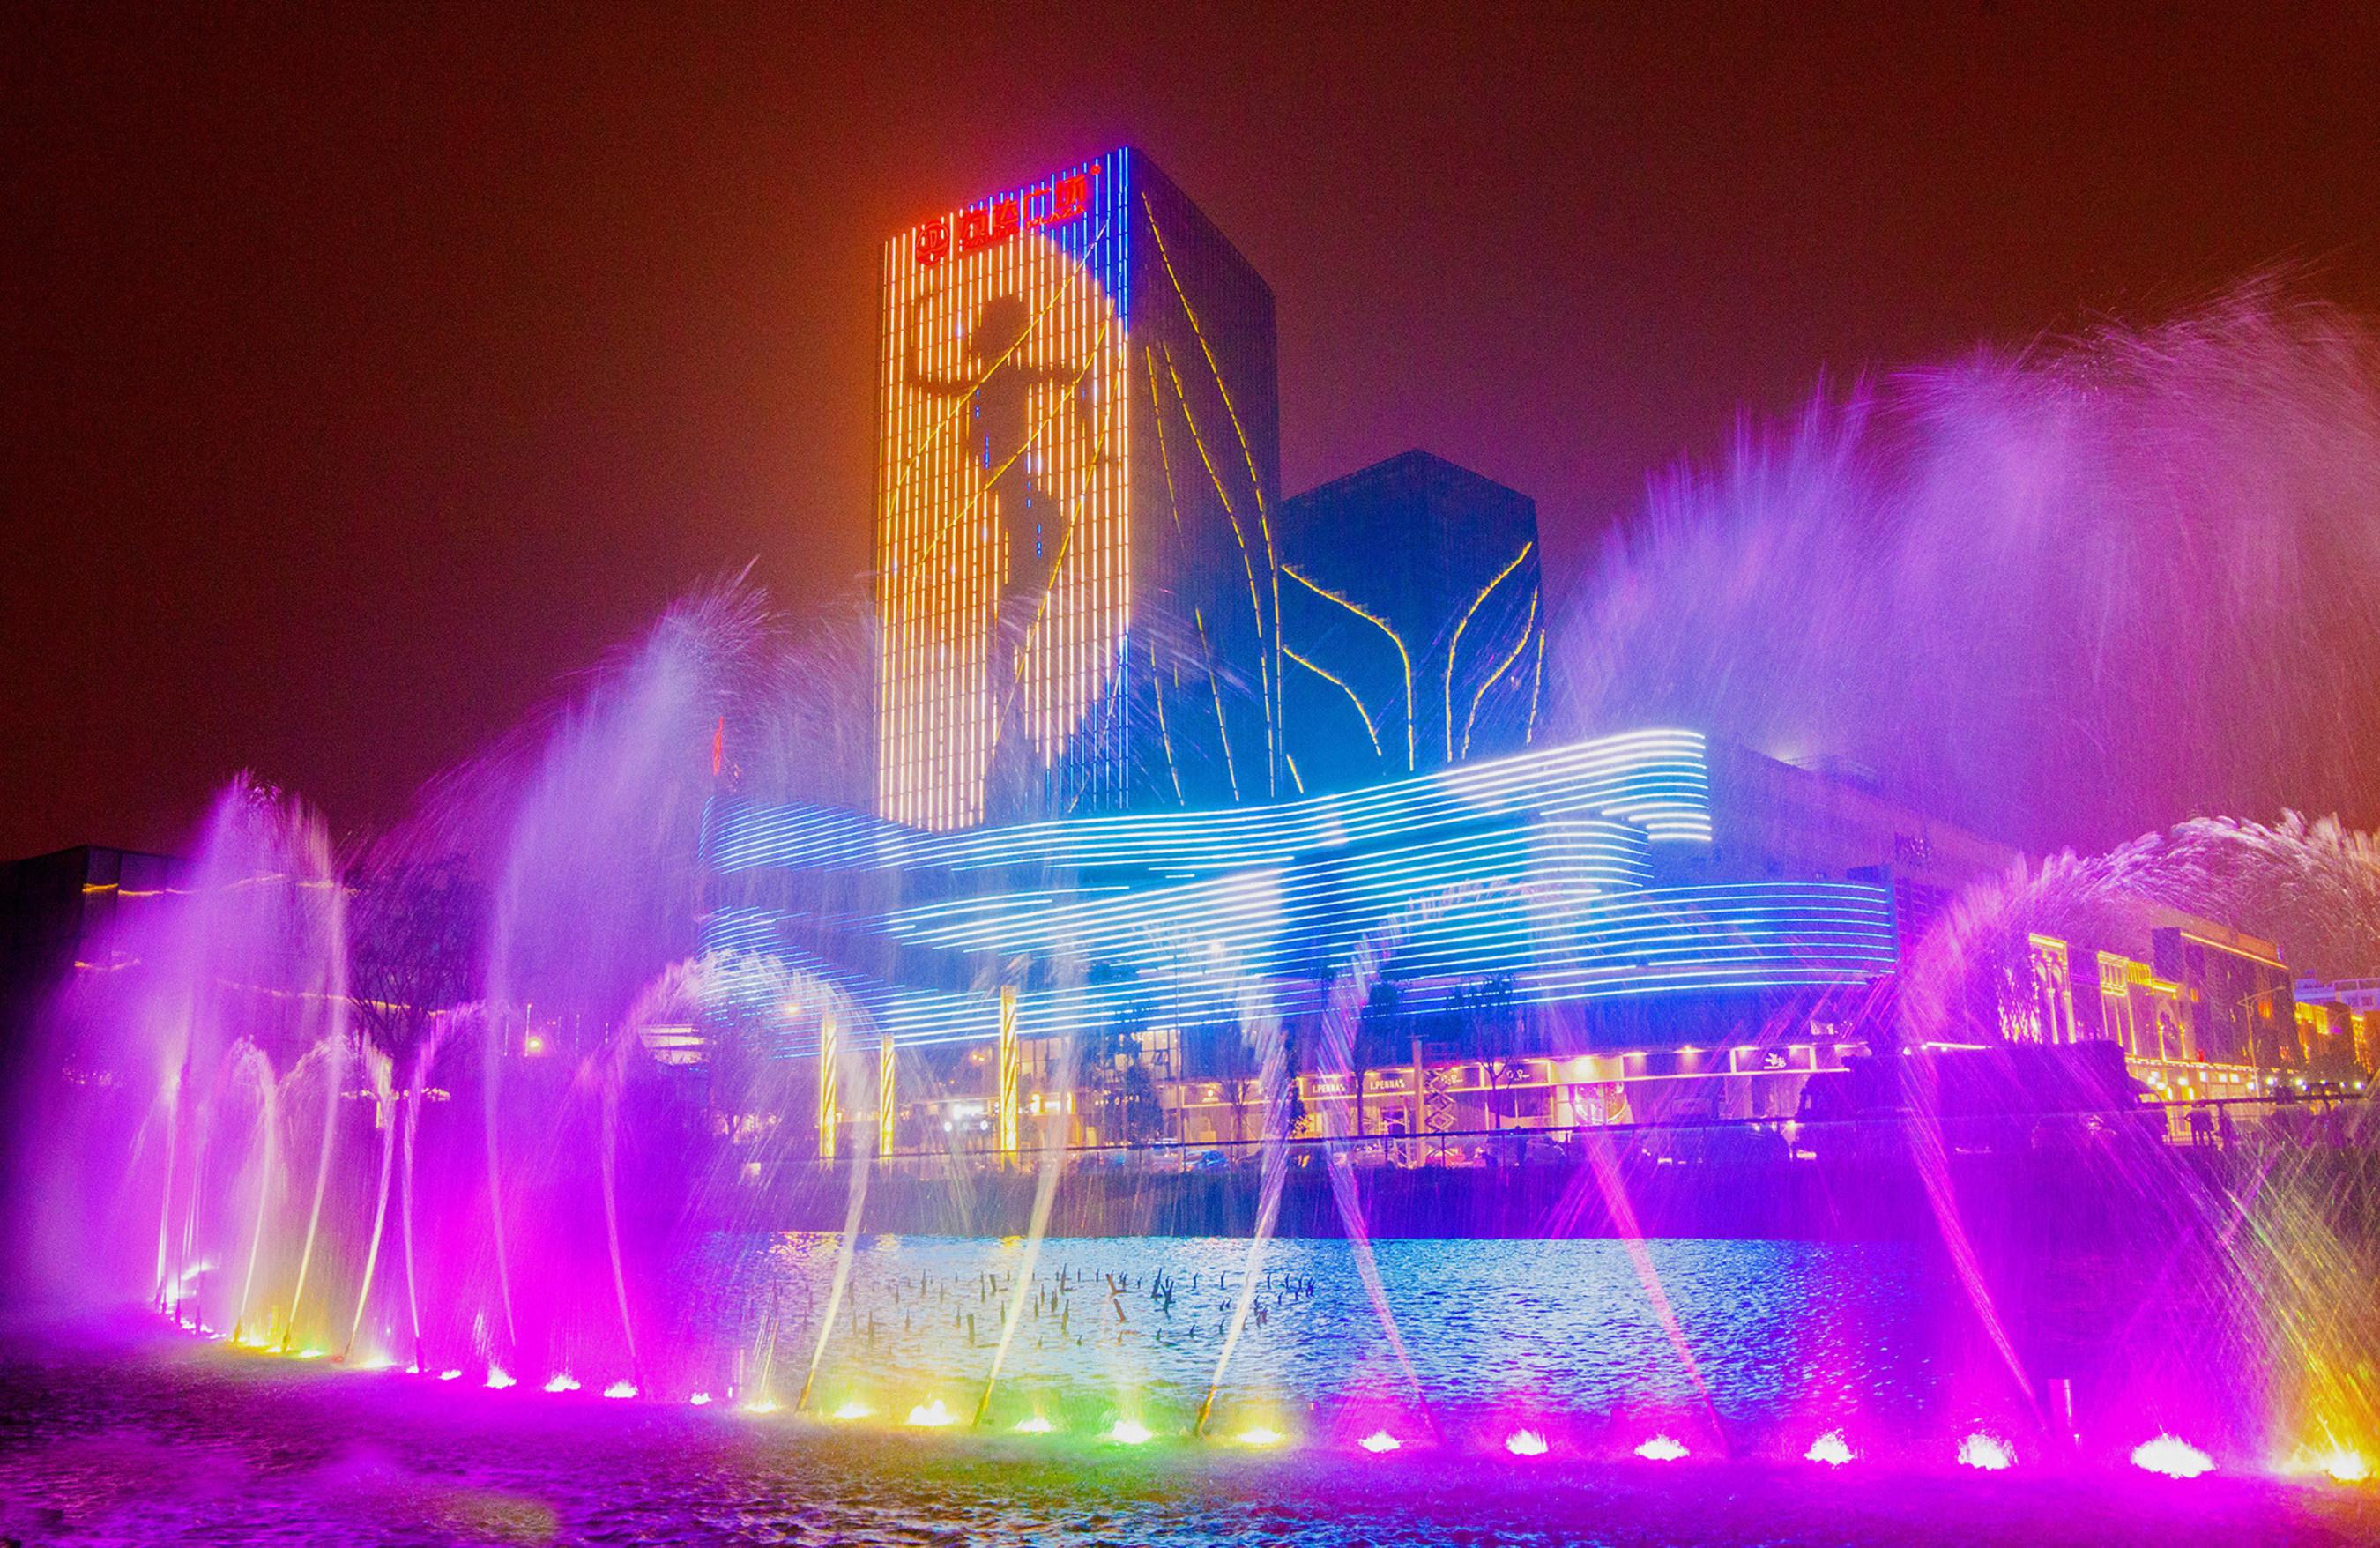 Le 100e Wanda Plaza ouvre ses portes à Kunming, organisant le plus grand événement de shopping de